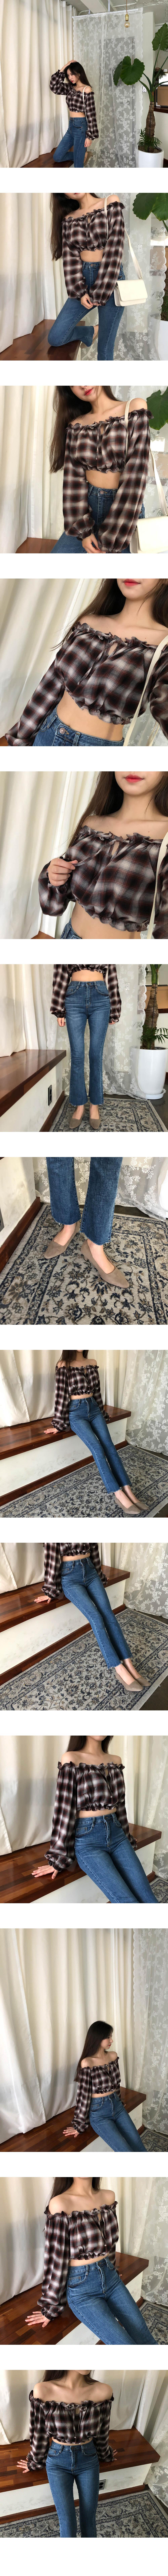 Hana Washing Boot Cut Denim